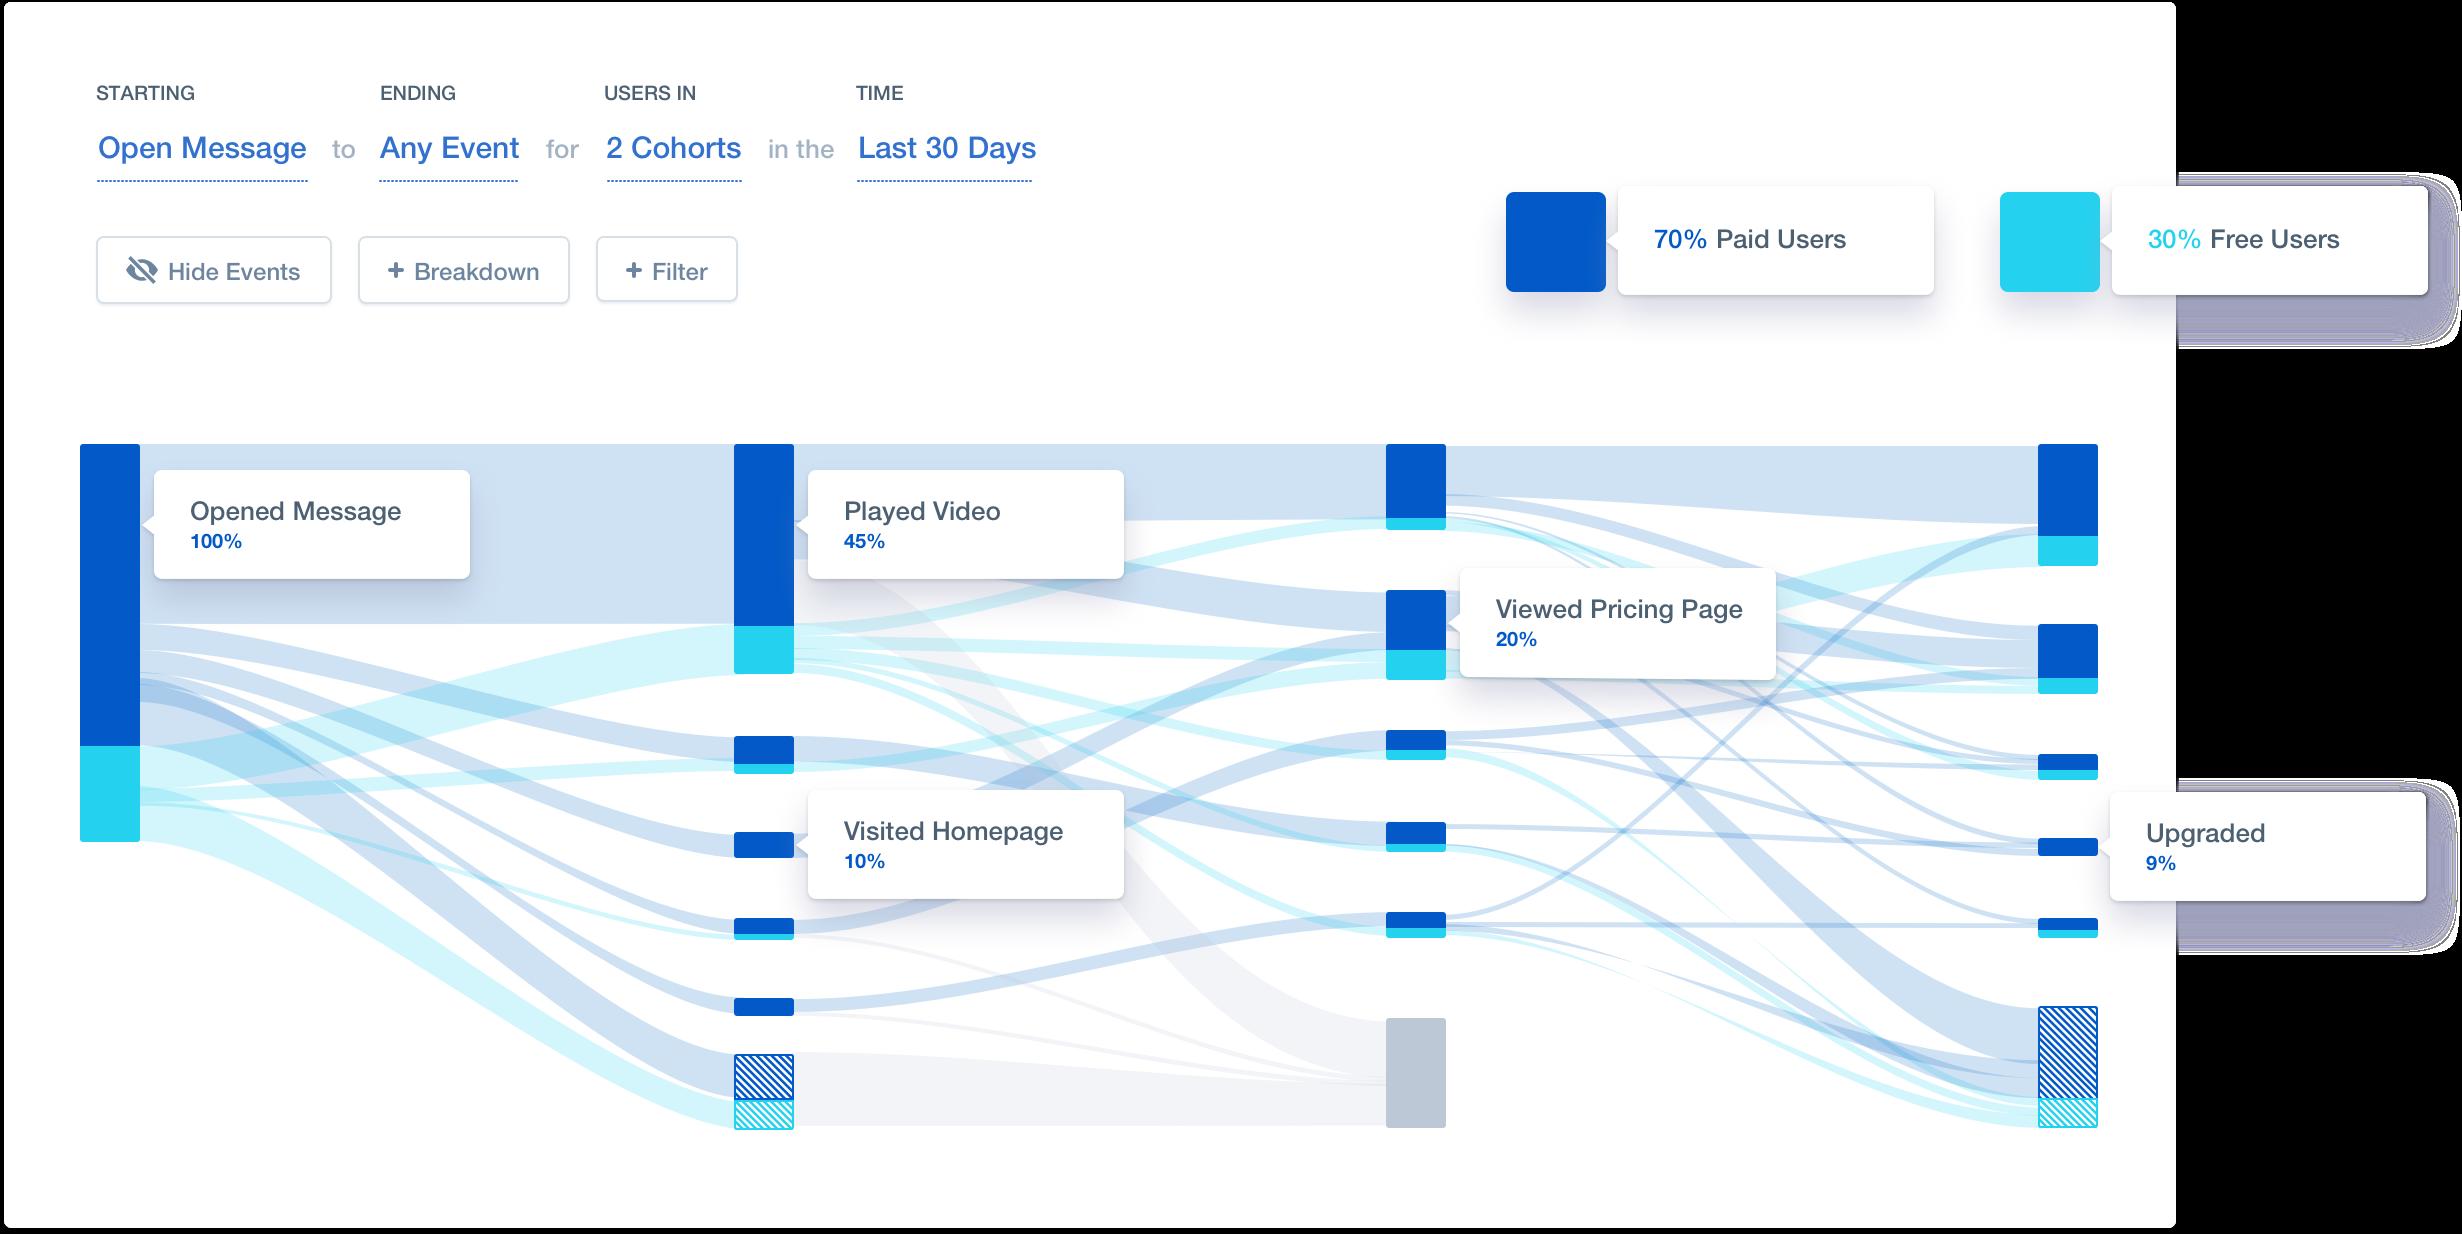 Понимание пути пользователя - продуктовая аналитика и маркетинговая атрибуция